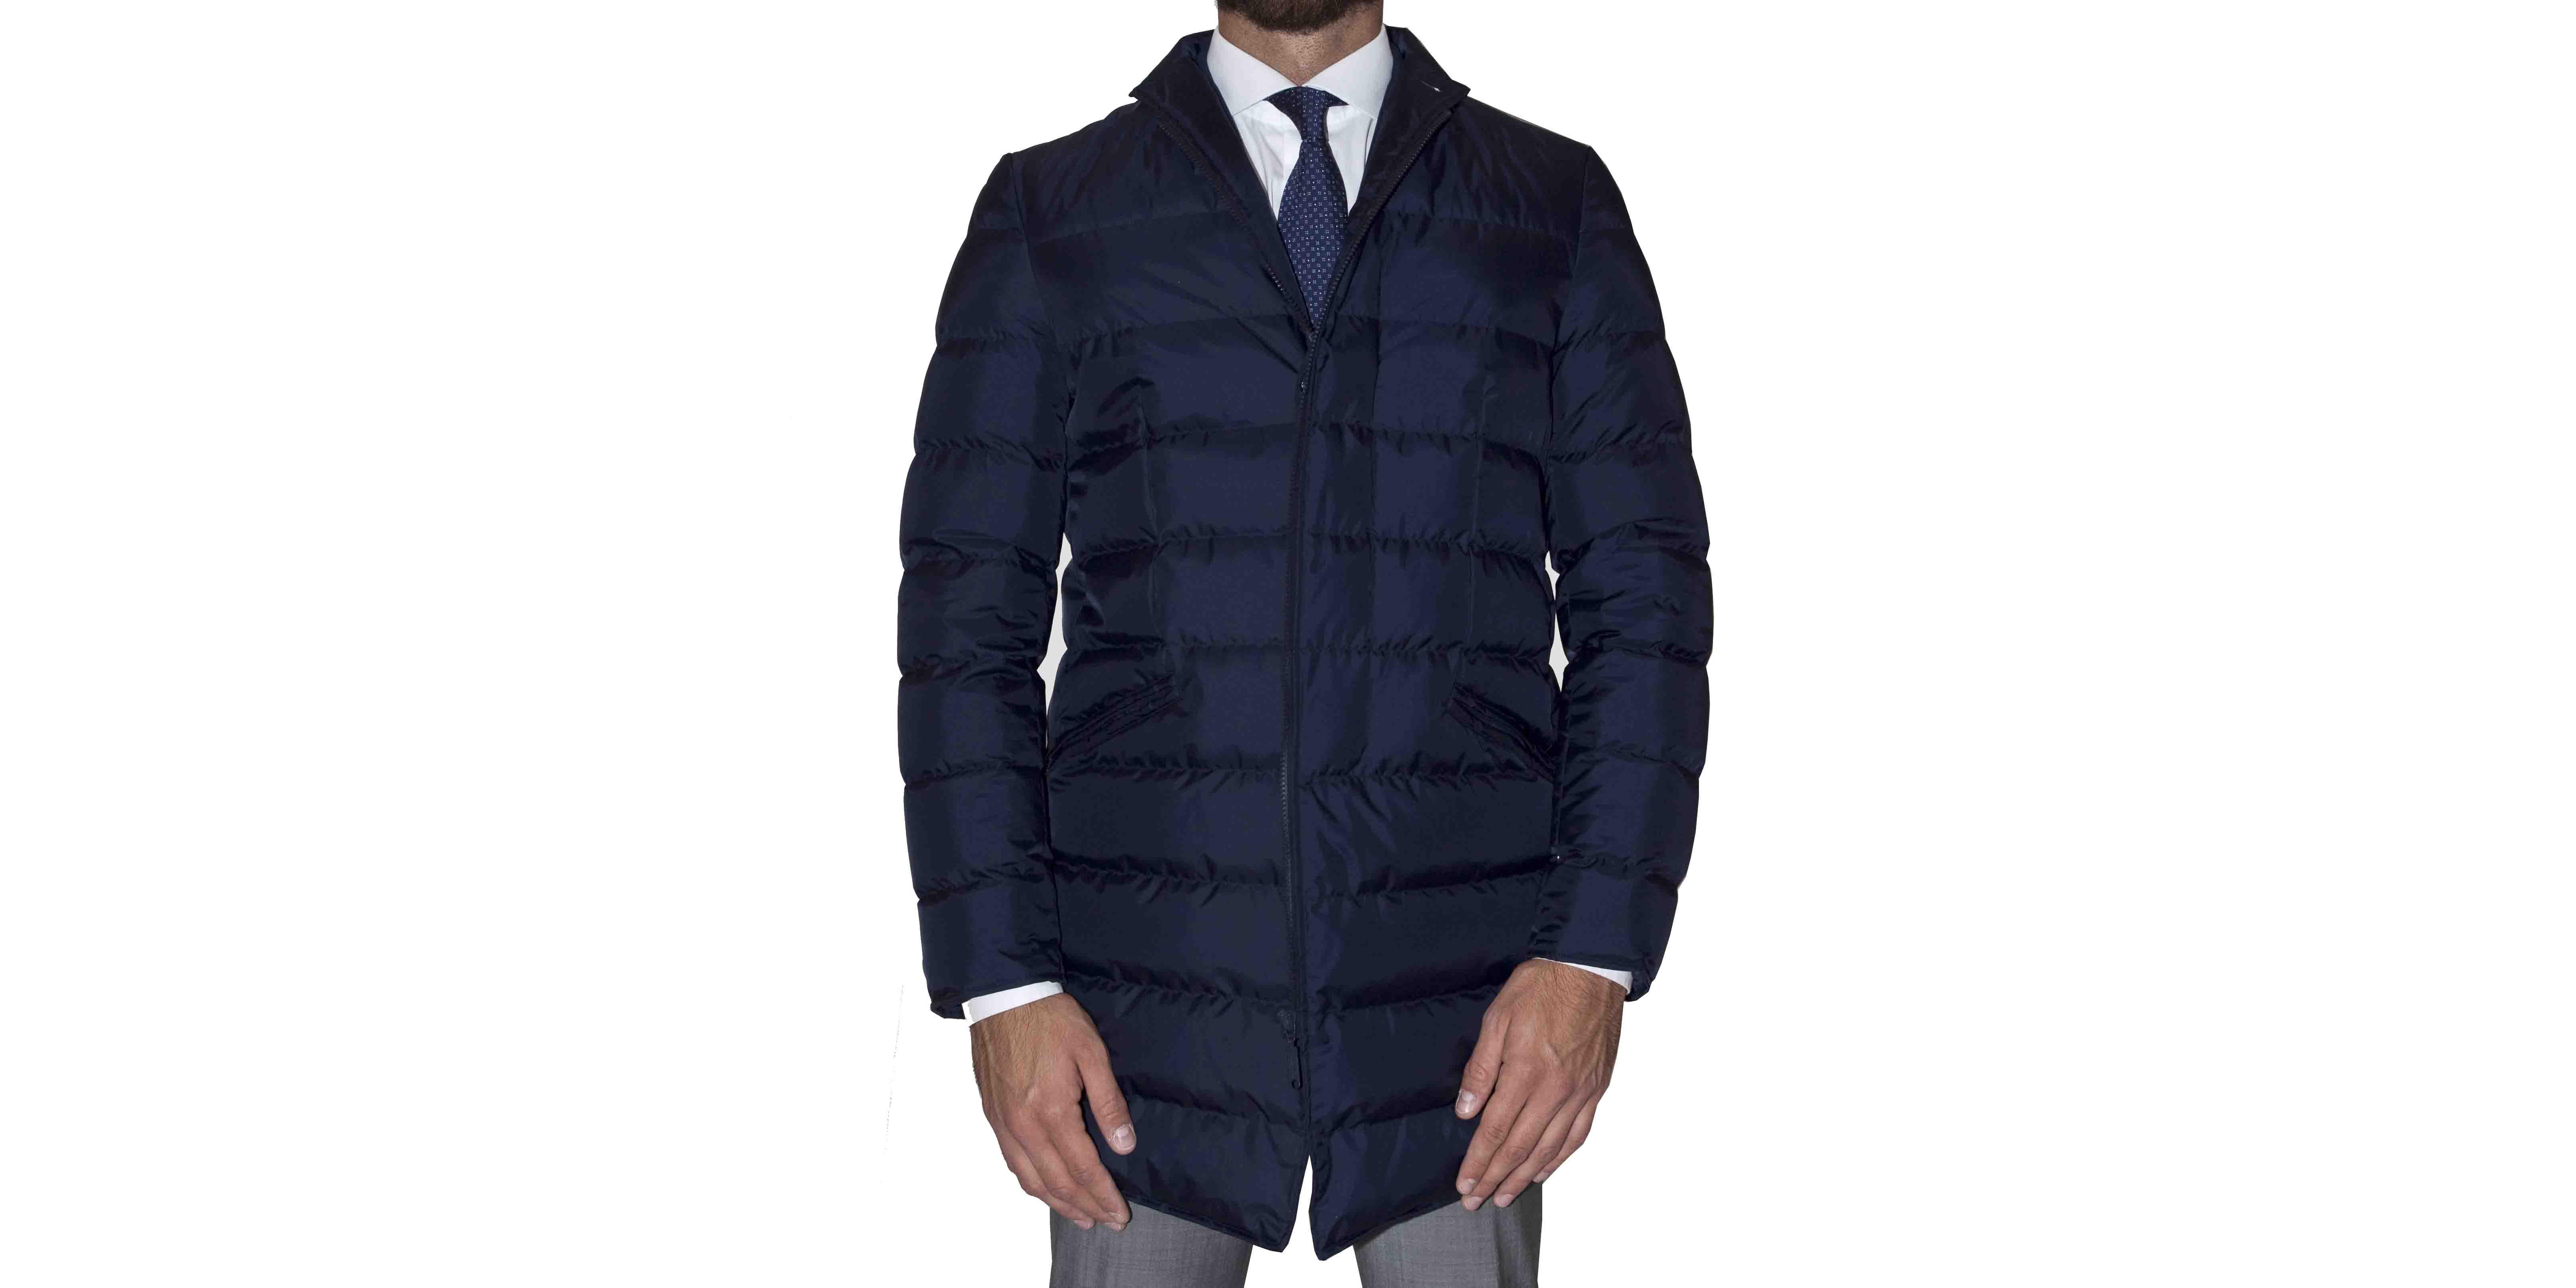 online store 5c6c4 a6630 Giubbotto Aspesi uomo, Trench e piumino. ASP351